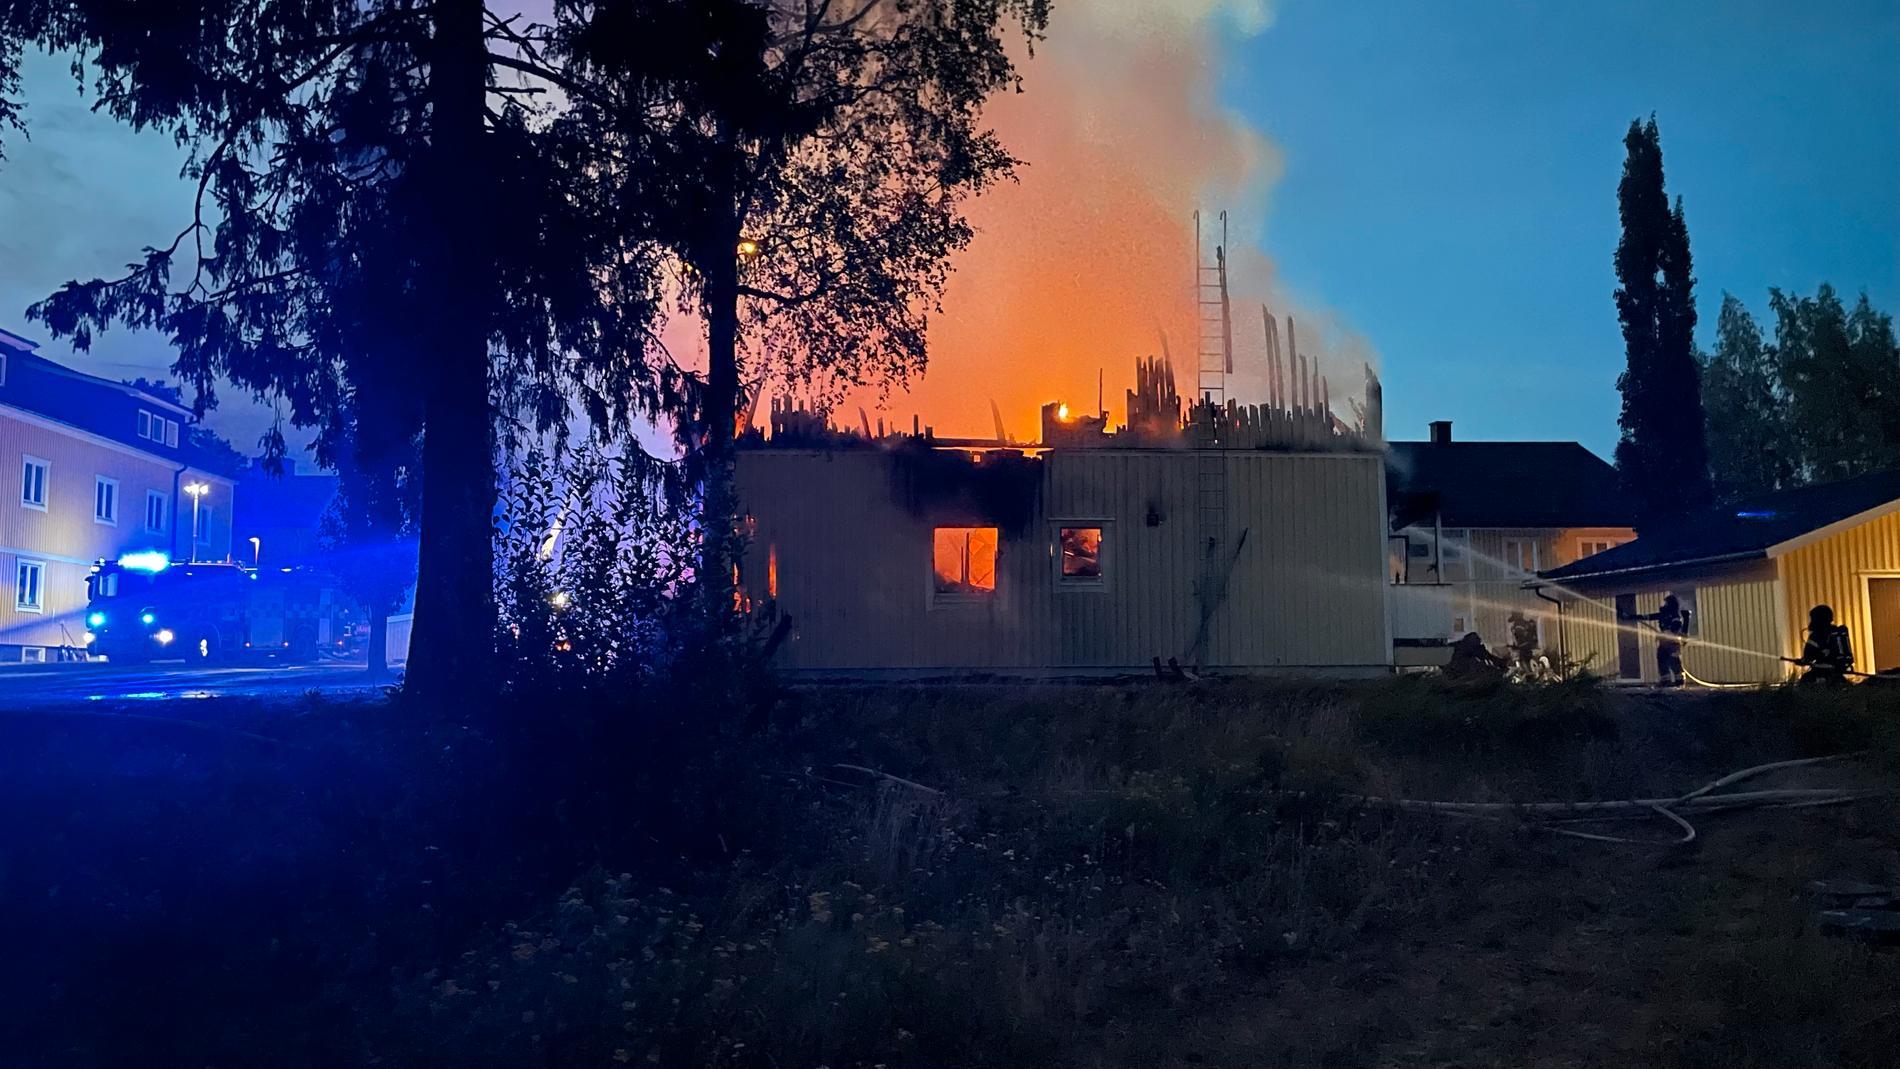 Det är ännu oklart vad som kan ha utlöst branden i Nordmaling i Ångermanland där en kvinna i 60-årsåldern misstänks ha omkommit.